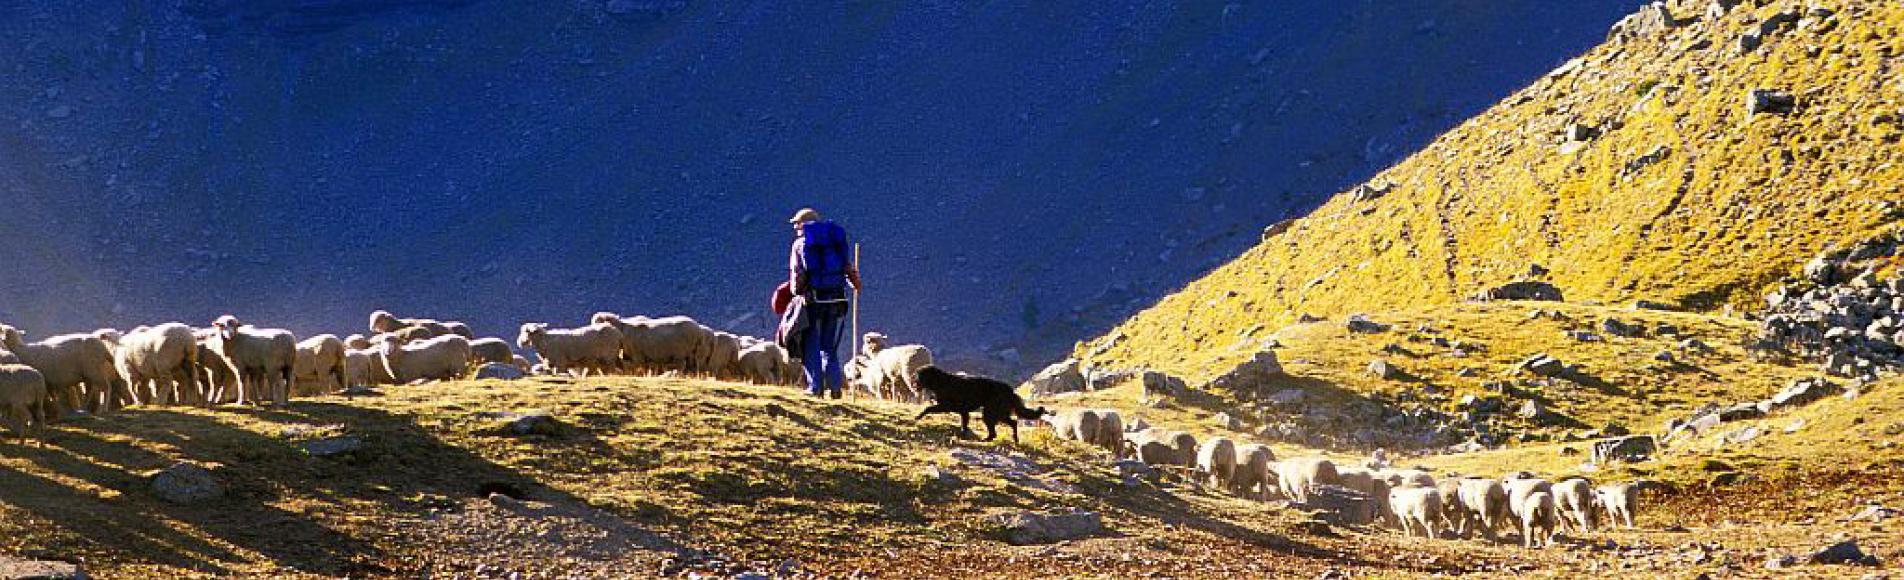 pastoralisme faravel -photo R.Chevalier - Parc national des Ecrins